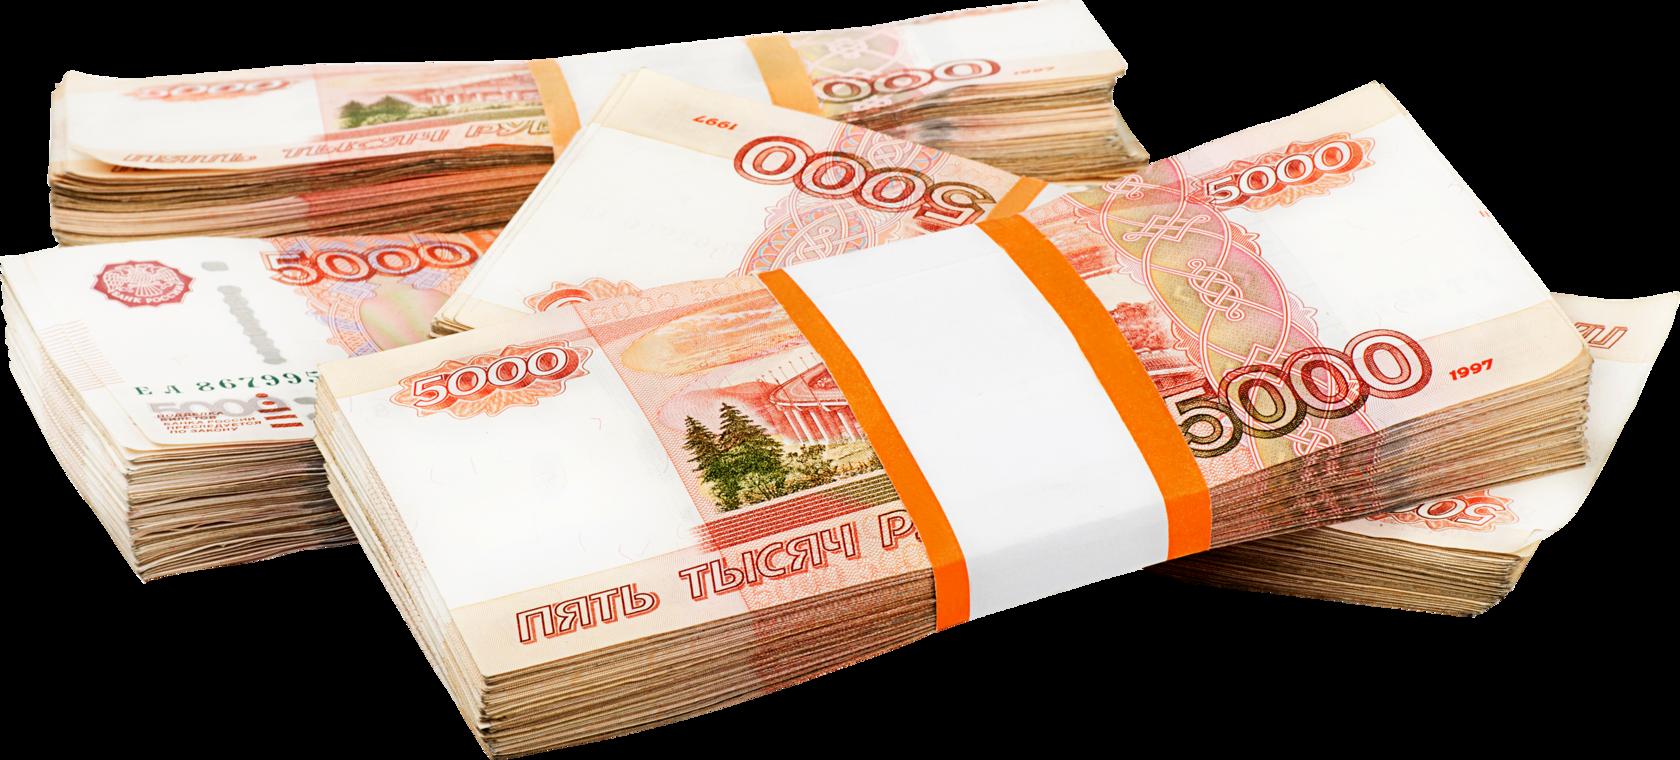 Деньги на белом фоне картинка